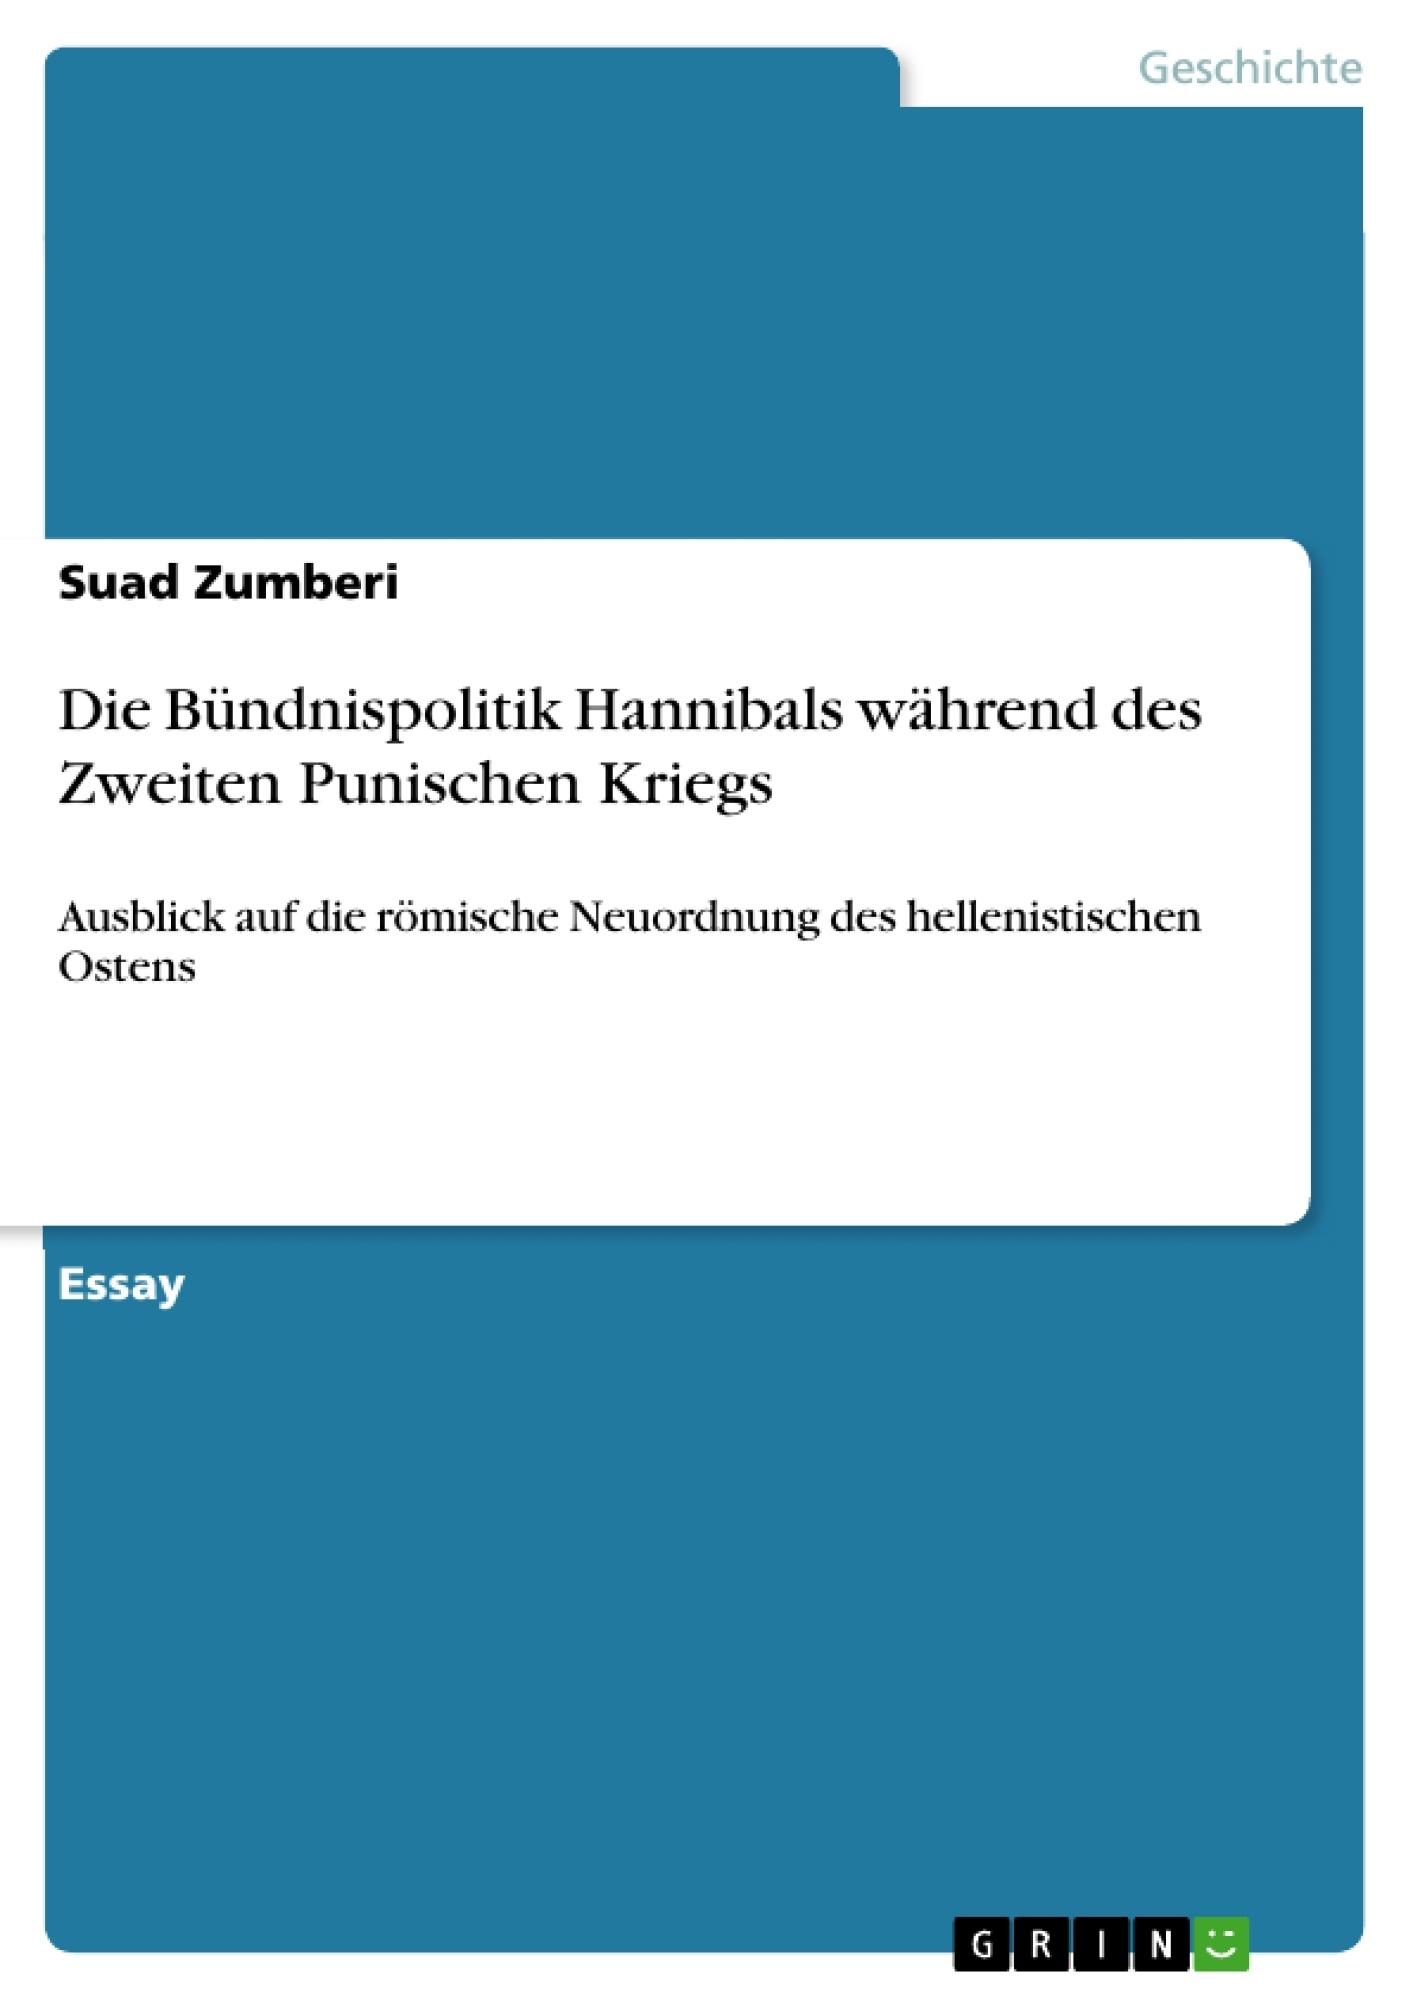 Titel: Die Bündnispolitik Hannibals während des Zweiten Punischen Kriegs